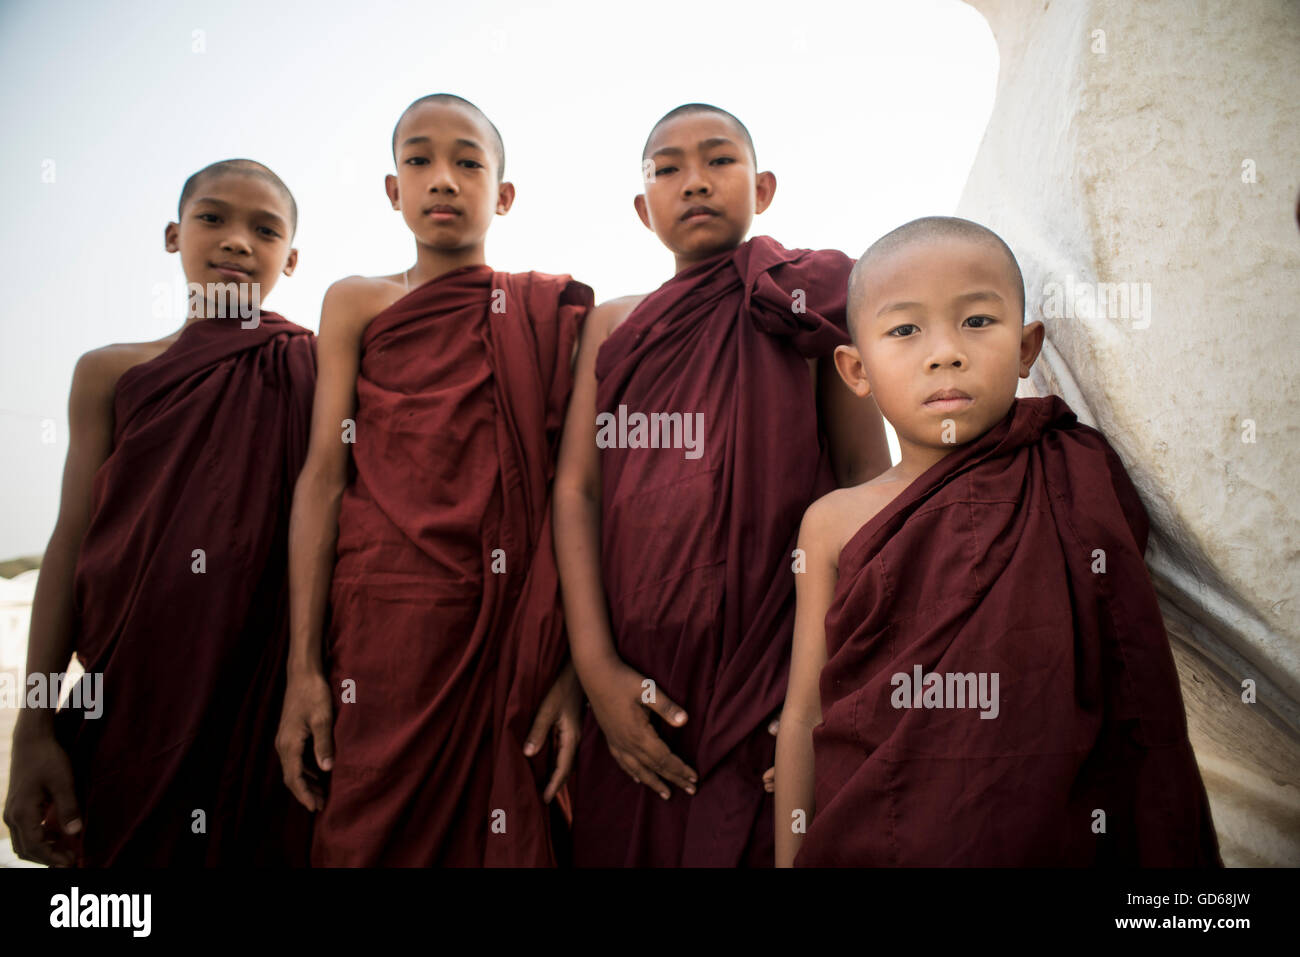 Un groupe de moines bouddhistes à la Pagode Hsinbyume, Mingun, Sagaing, Myanmar. Photo Stock